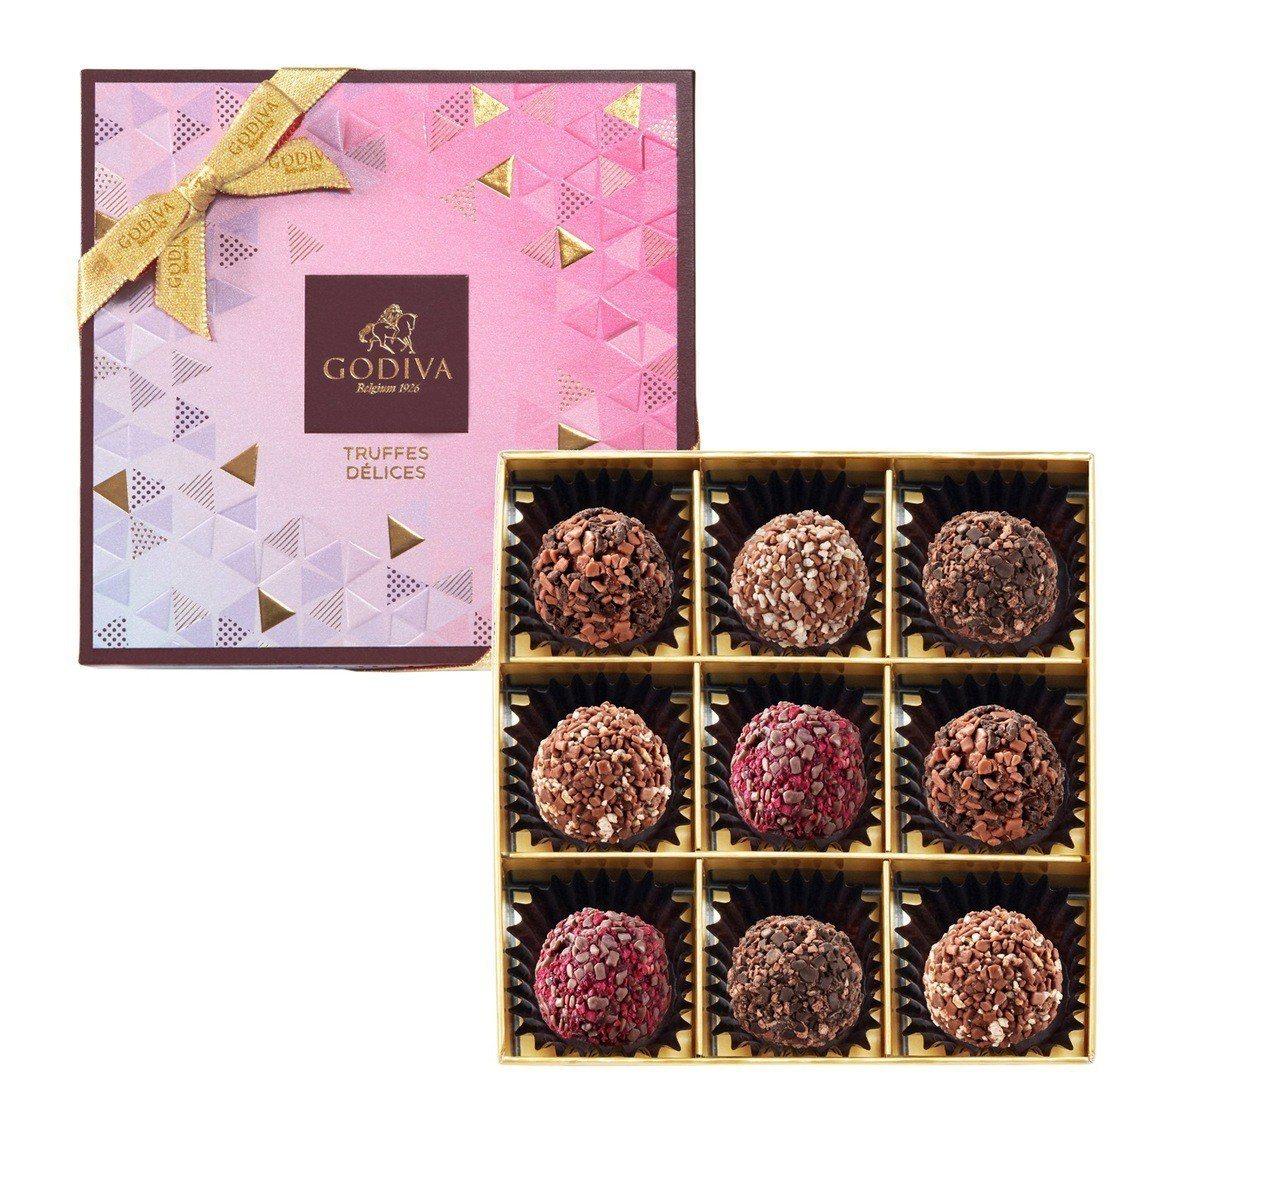 璀璨系列松露巧克力禮盒9顆裝,售價1,150元。圖/GODIVA提供